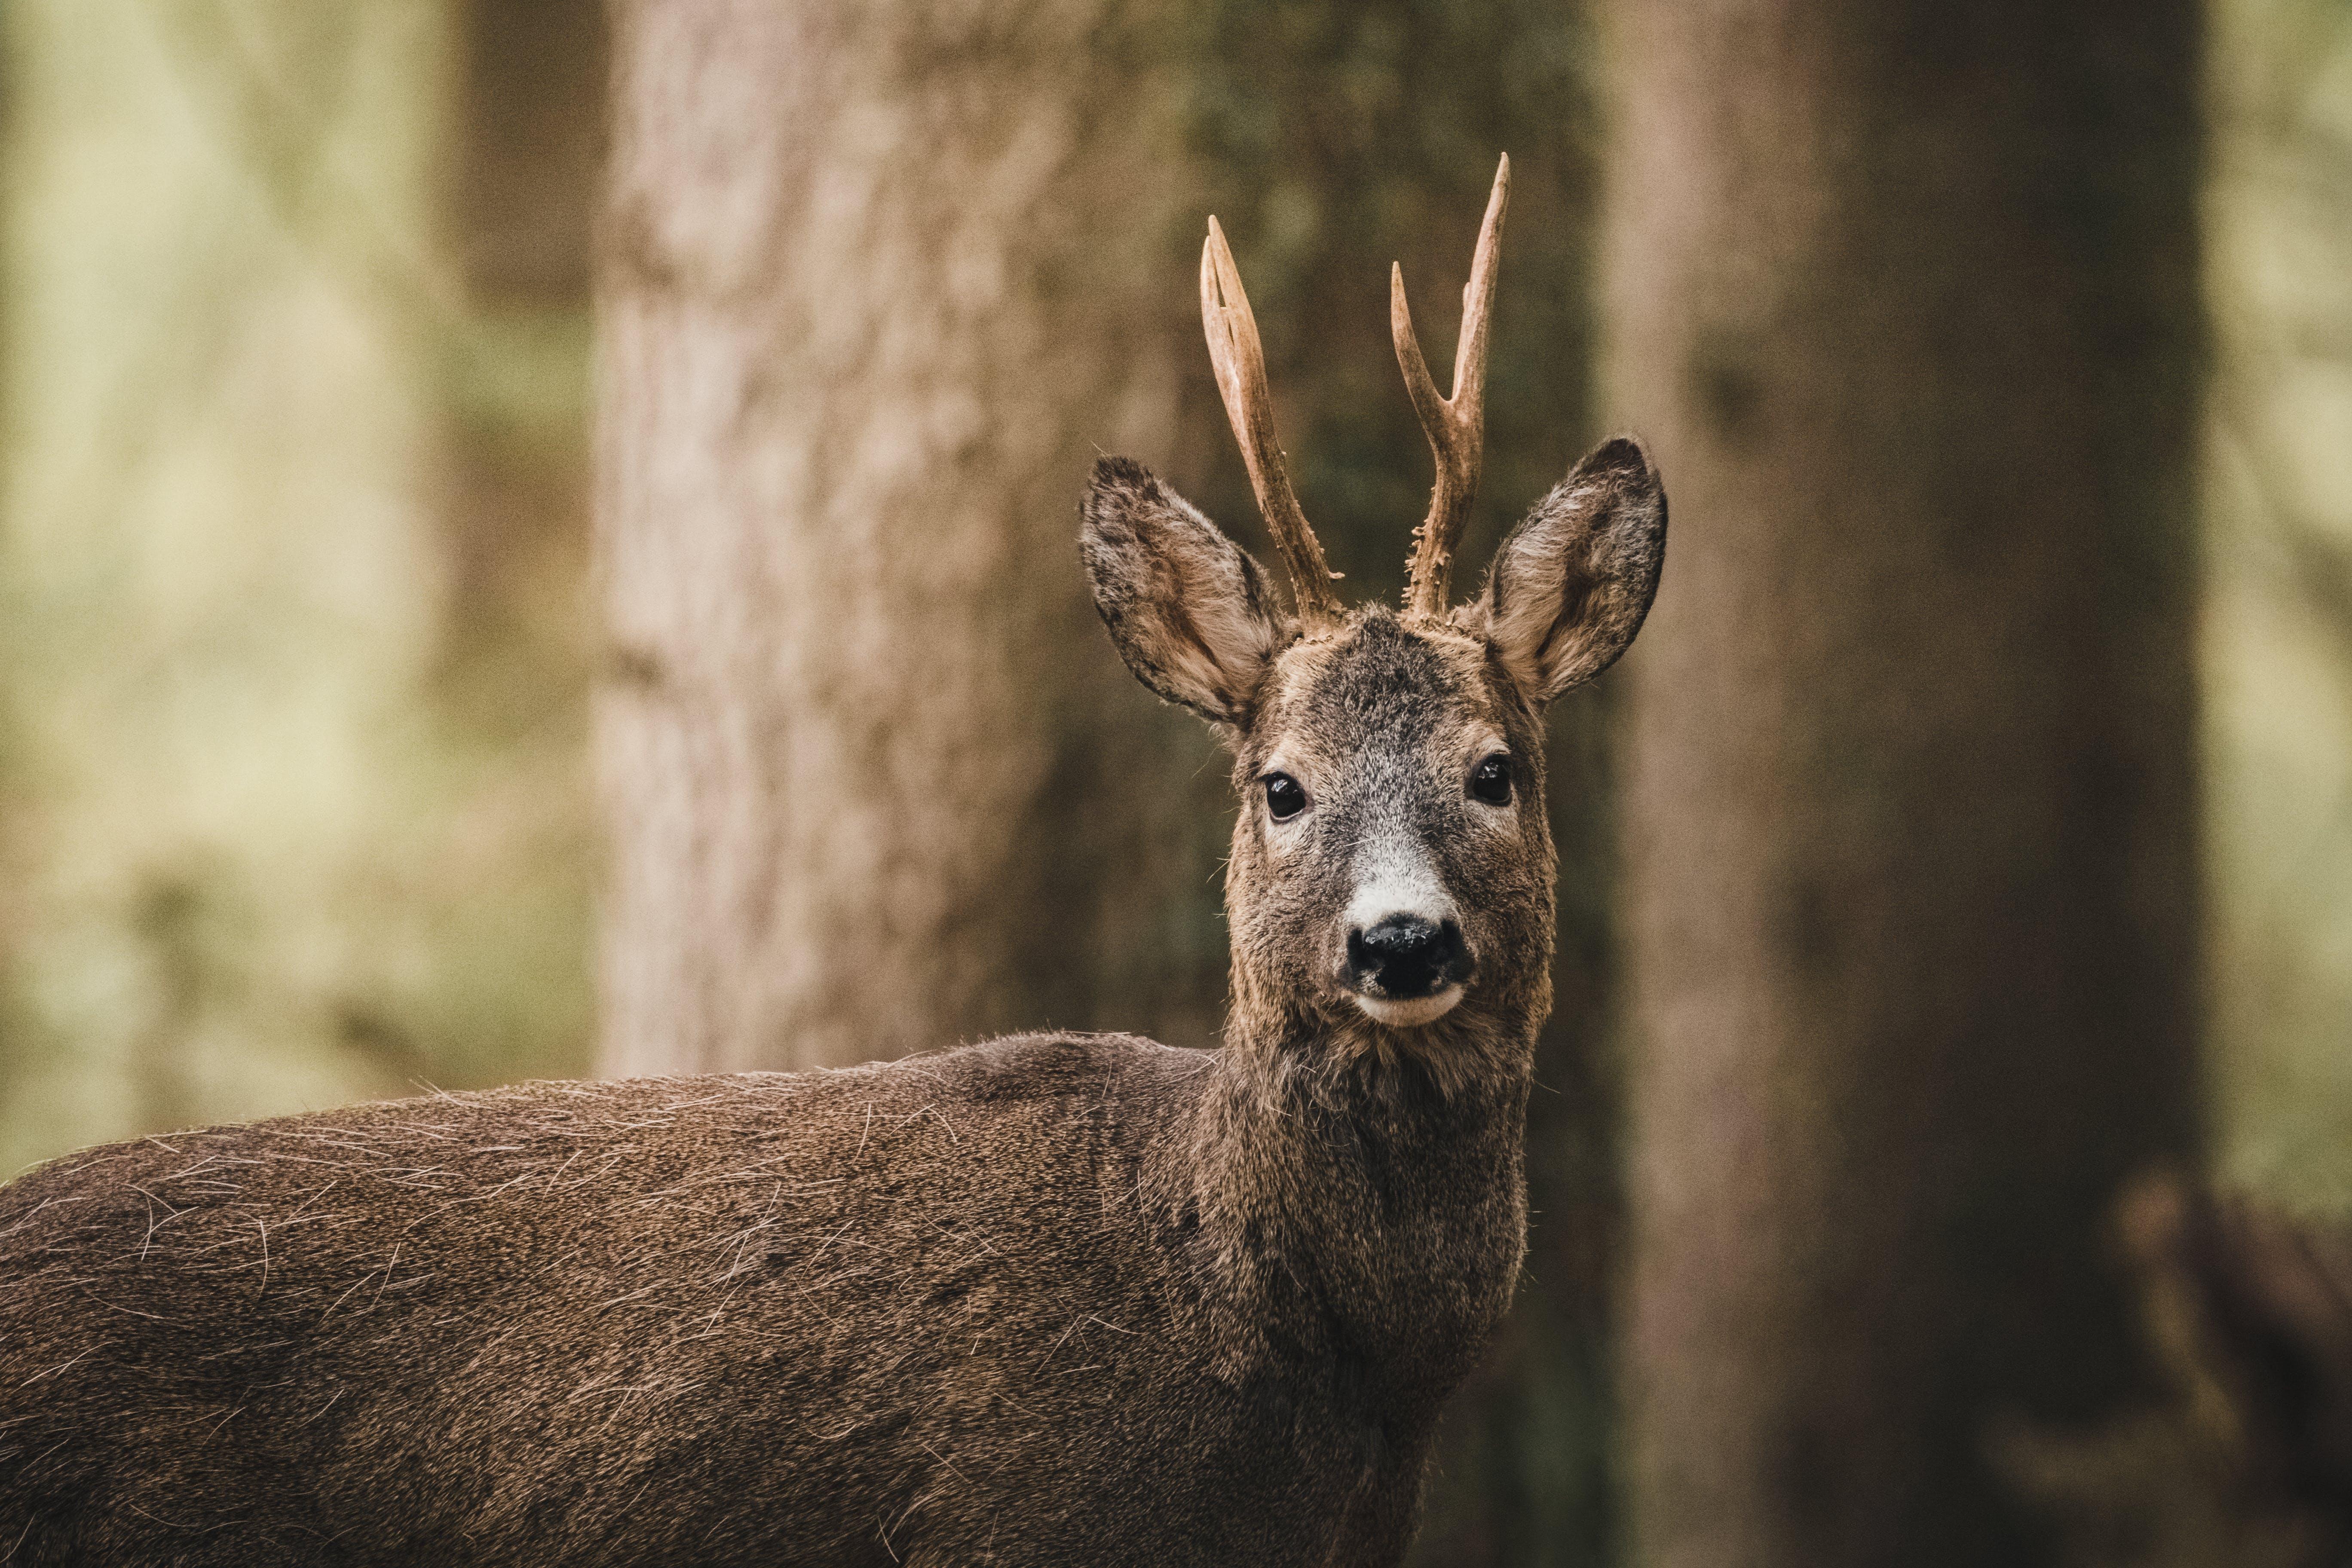 açık hava, boynuz, geyik, hayvan içeren Ücretsiz stok fotoğraf